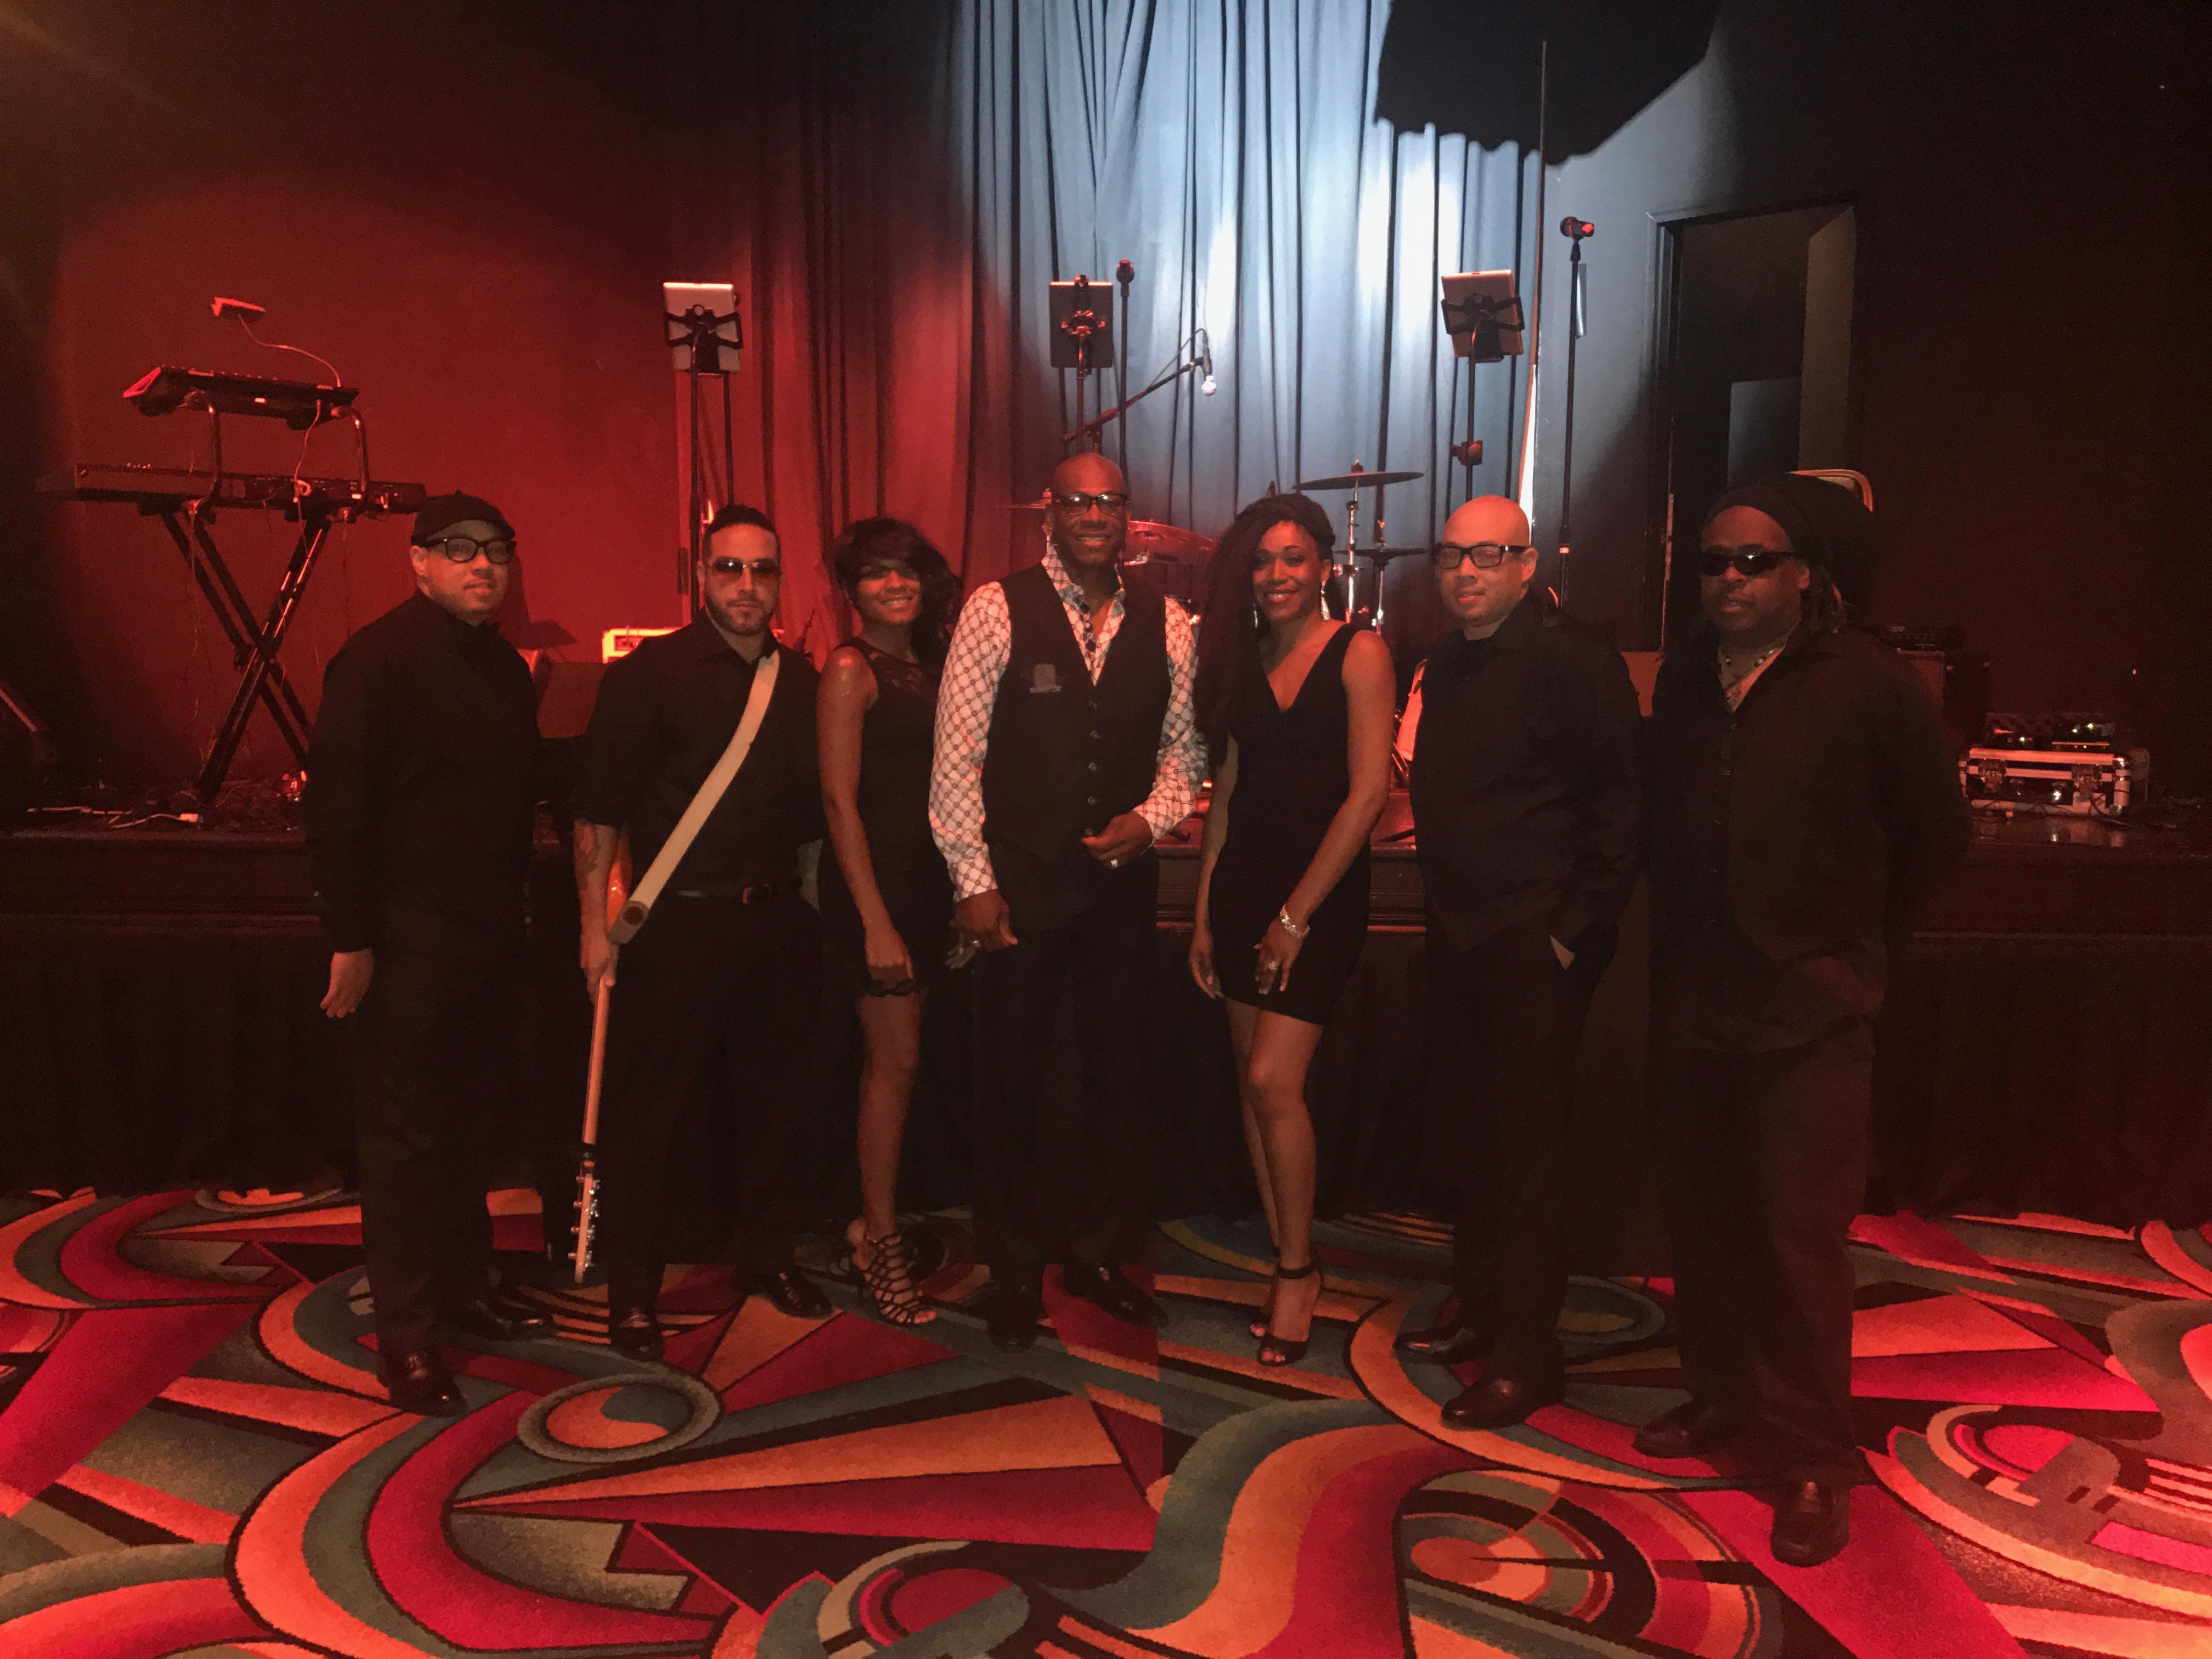 The Nate Jackson Band